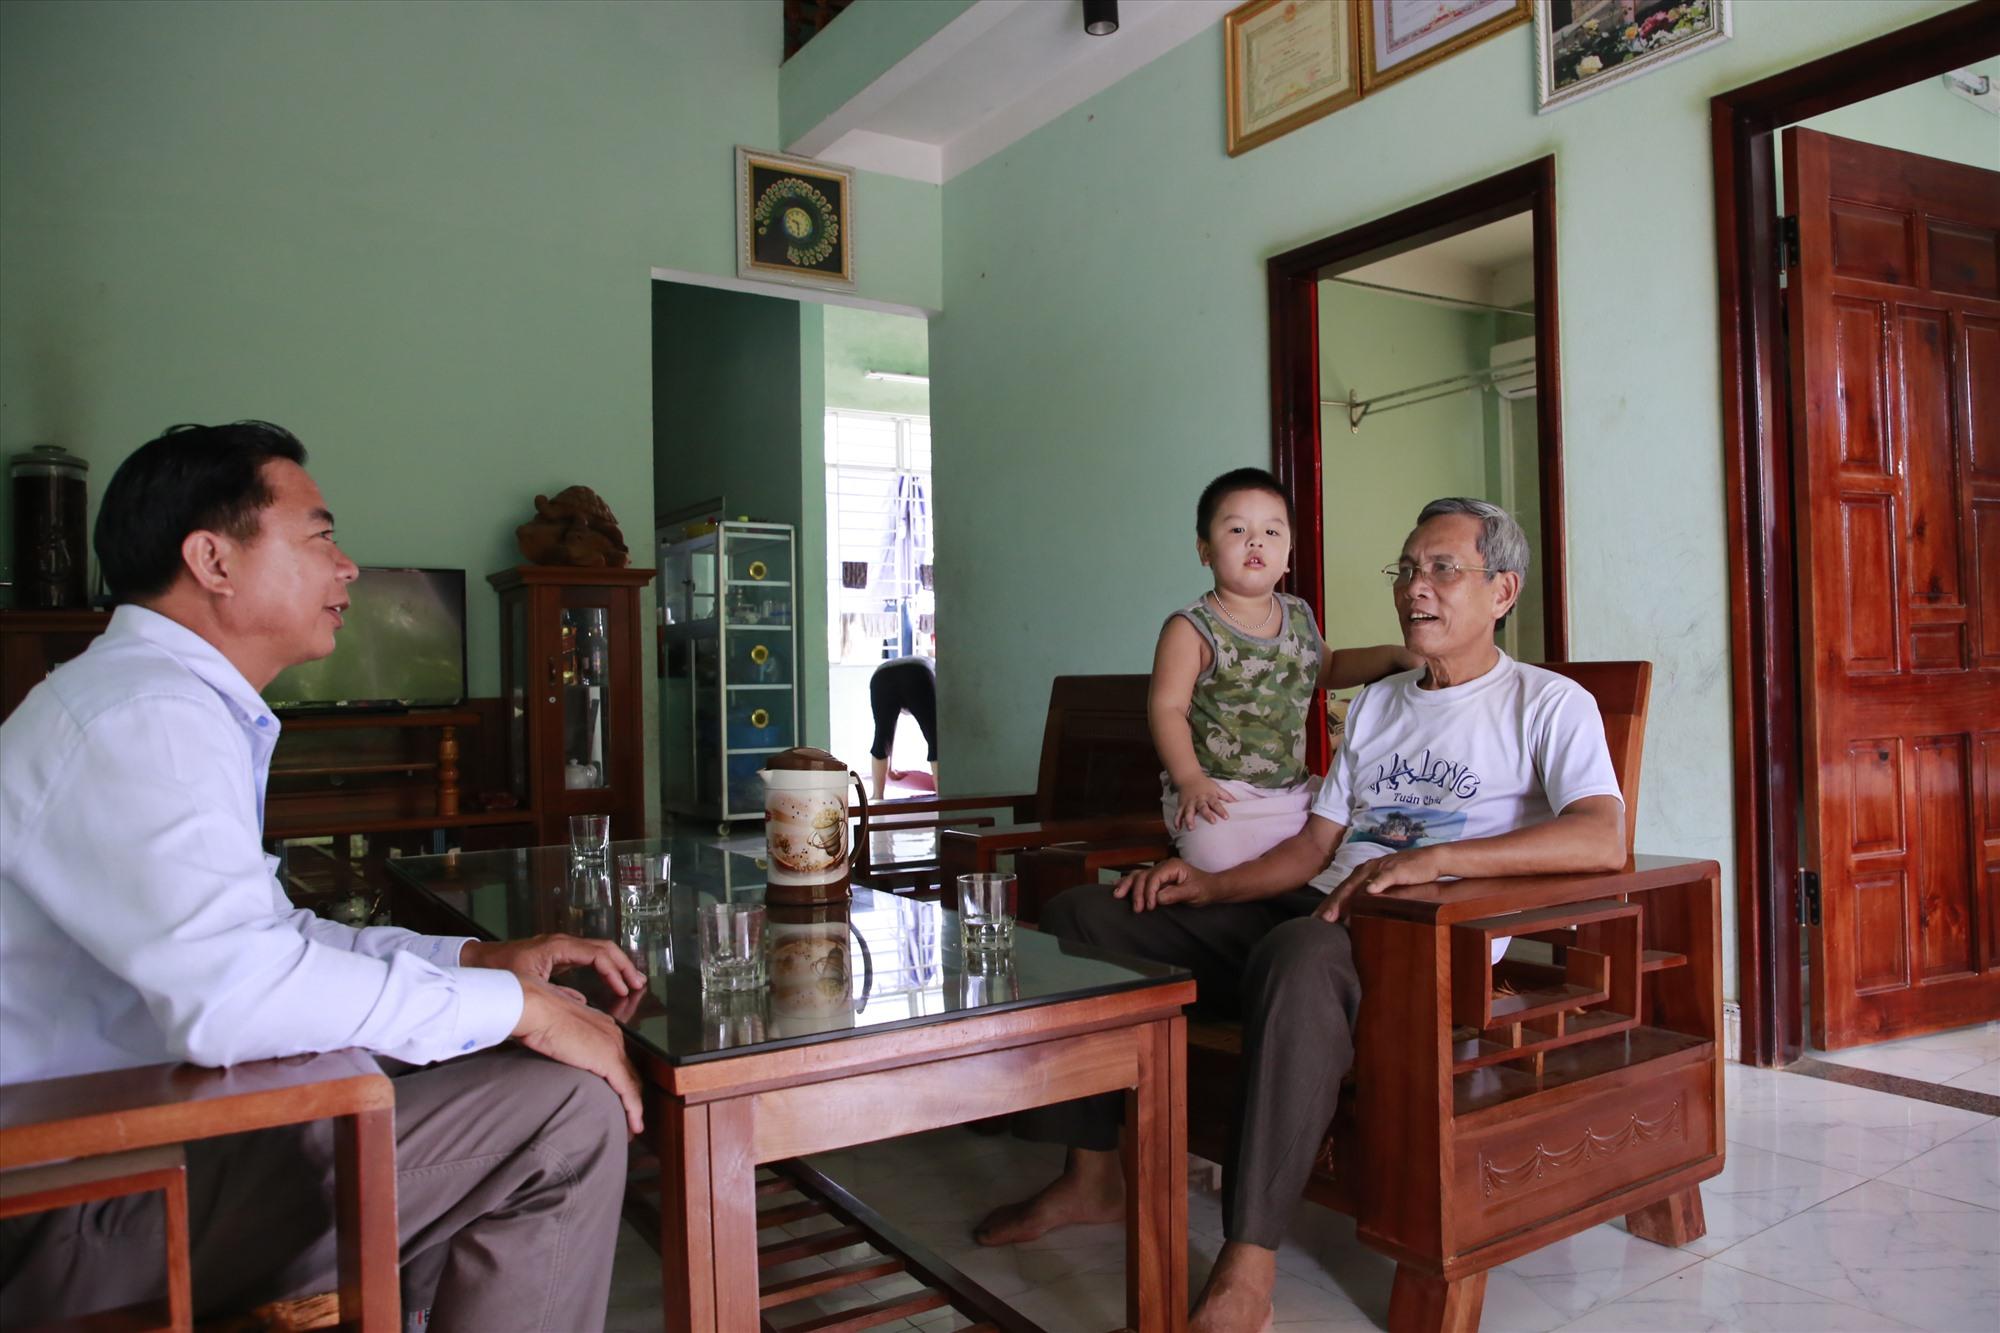 Ông Mai Trí đến thăm cựu binh Lương Thanh Nghị (phải). Ông Nghị vừa là thương binh, vừa là chiến sĩ cách mạng từng bị địch bắt tù đày. Ảnh: T.C